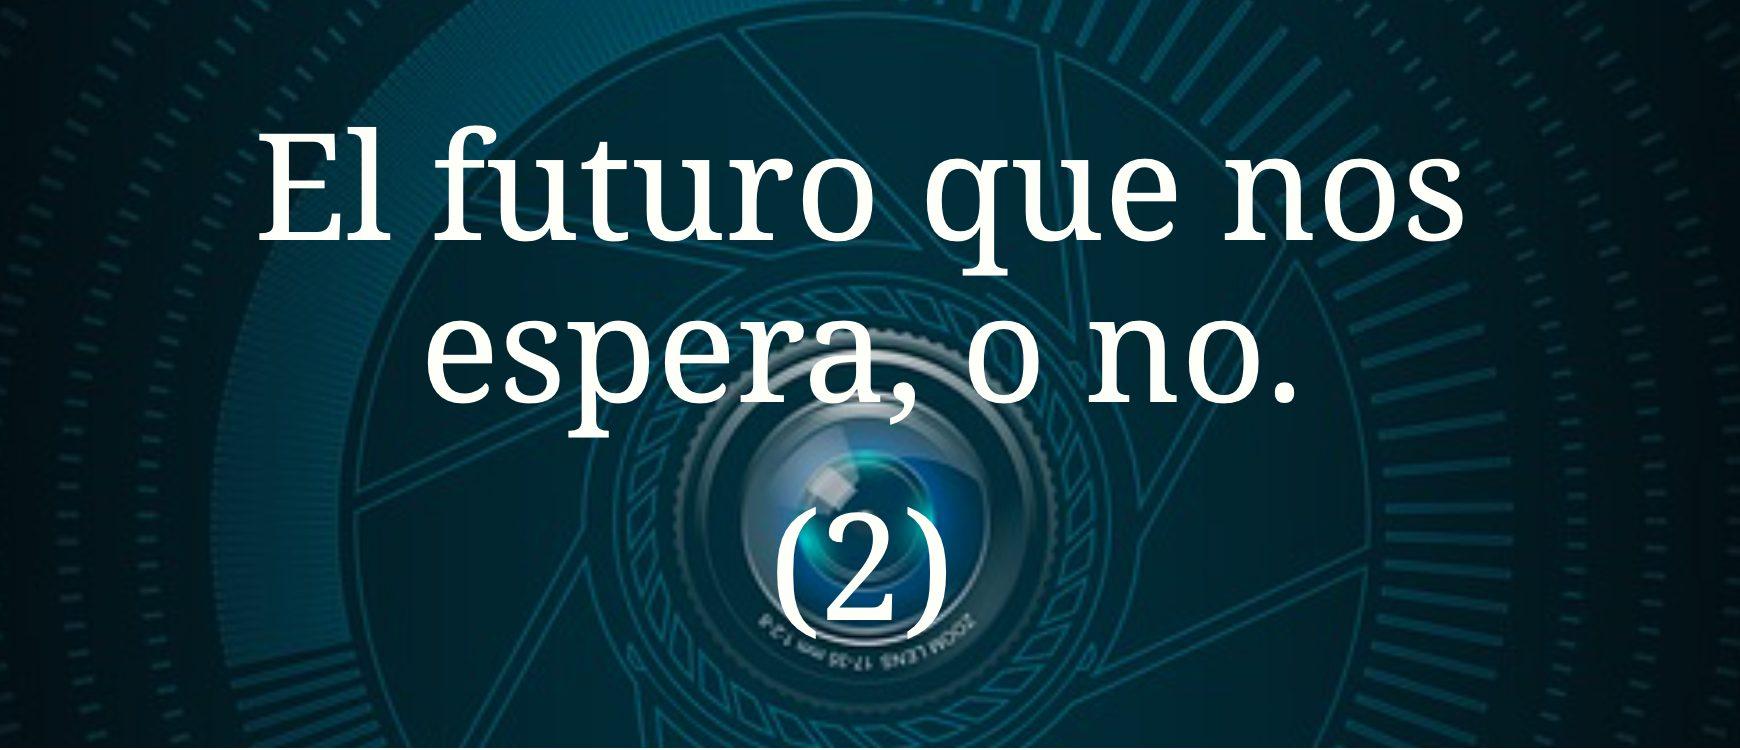 Imagen post El futuro que nos espera , o no (2)